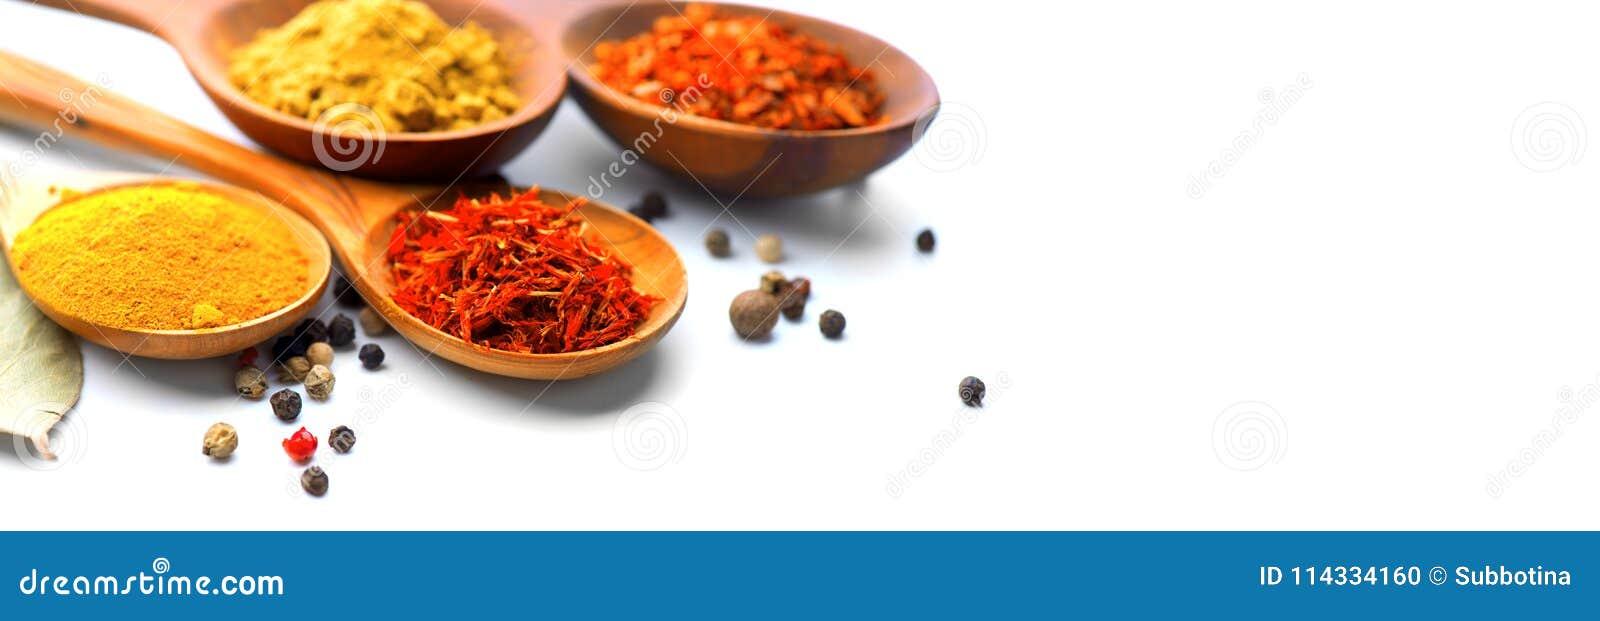 Spezia Varie spezie in cucchiai di legno sopra bianco Curry, zafferano, curcuma, cannella